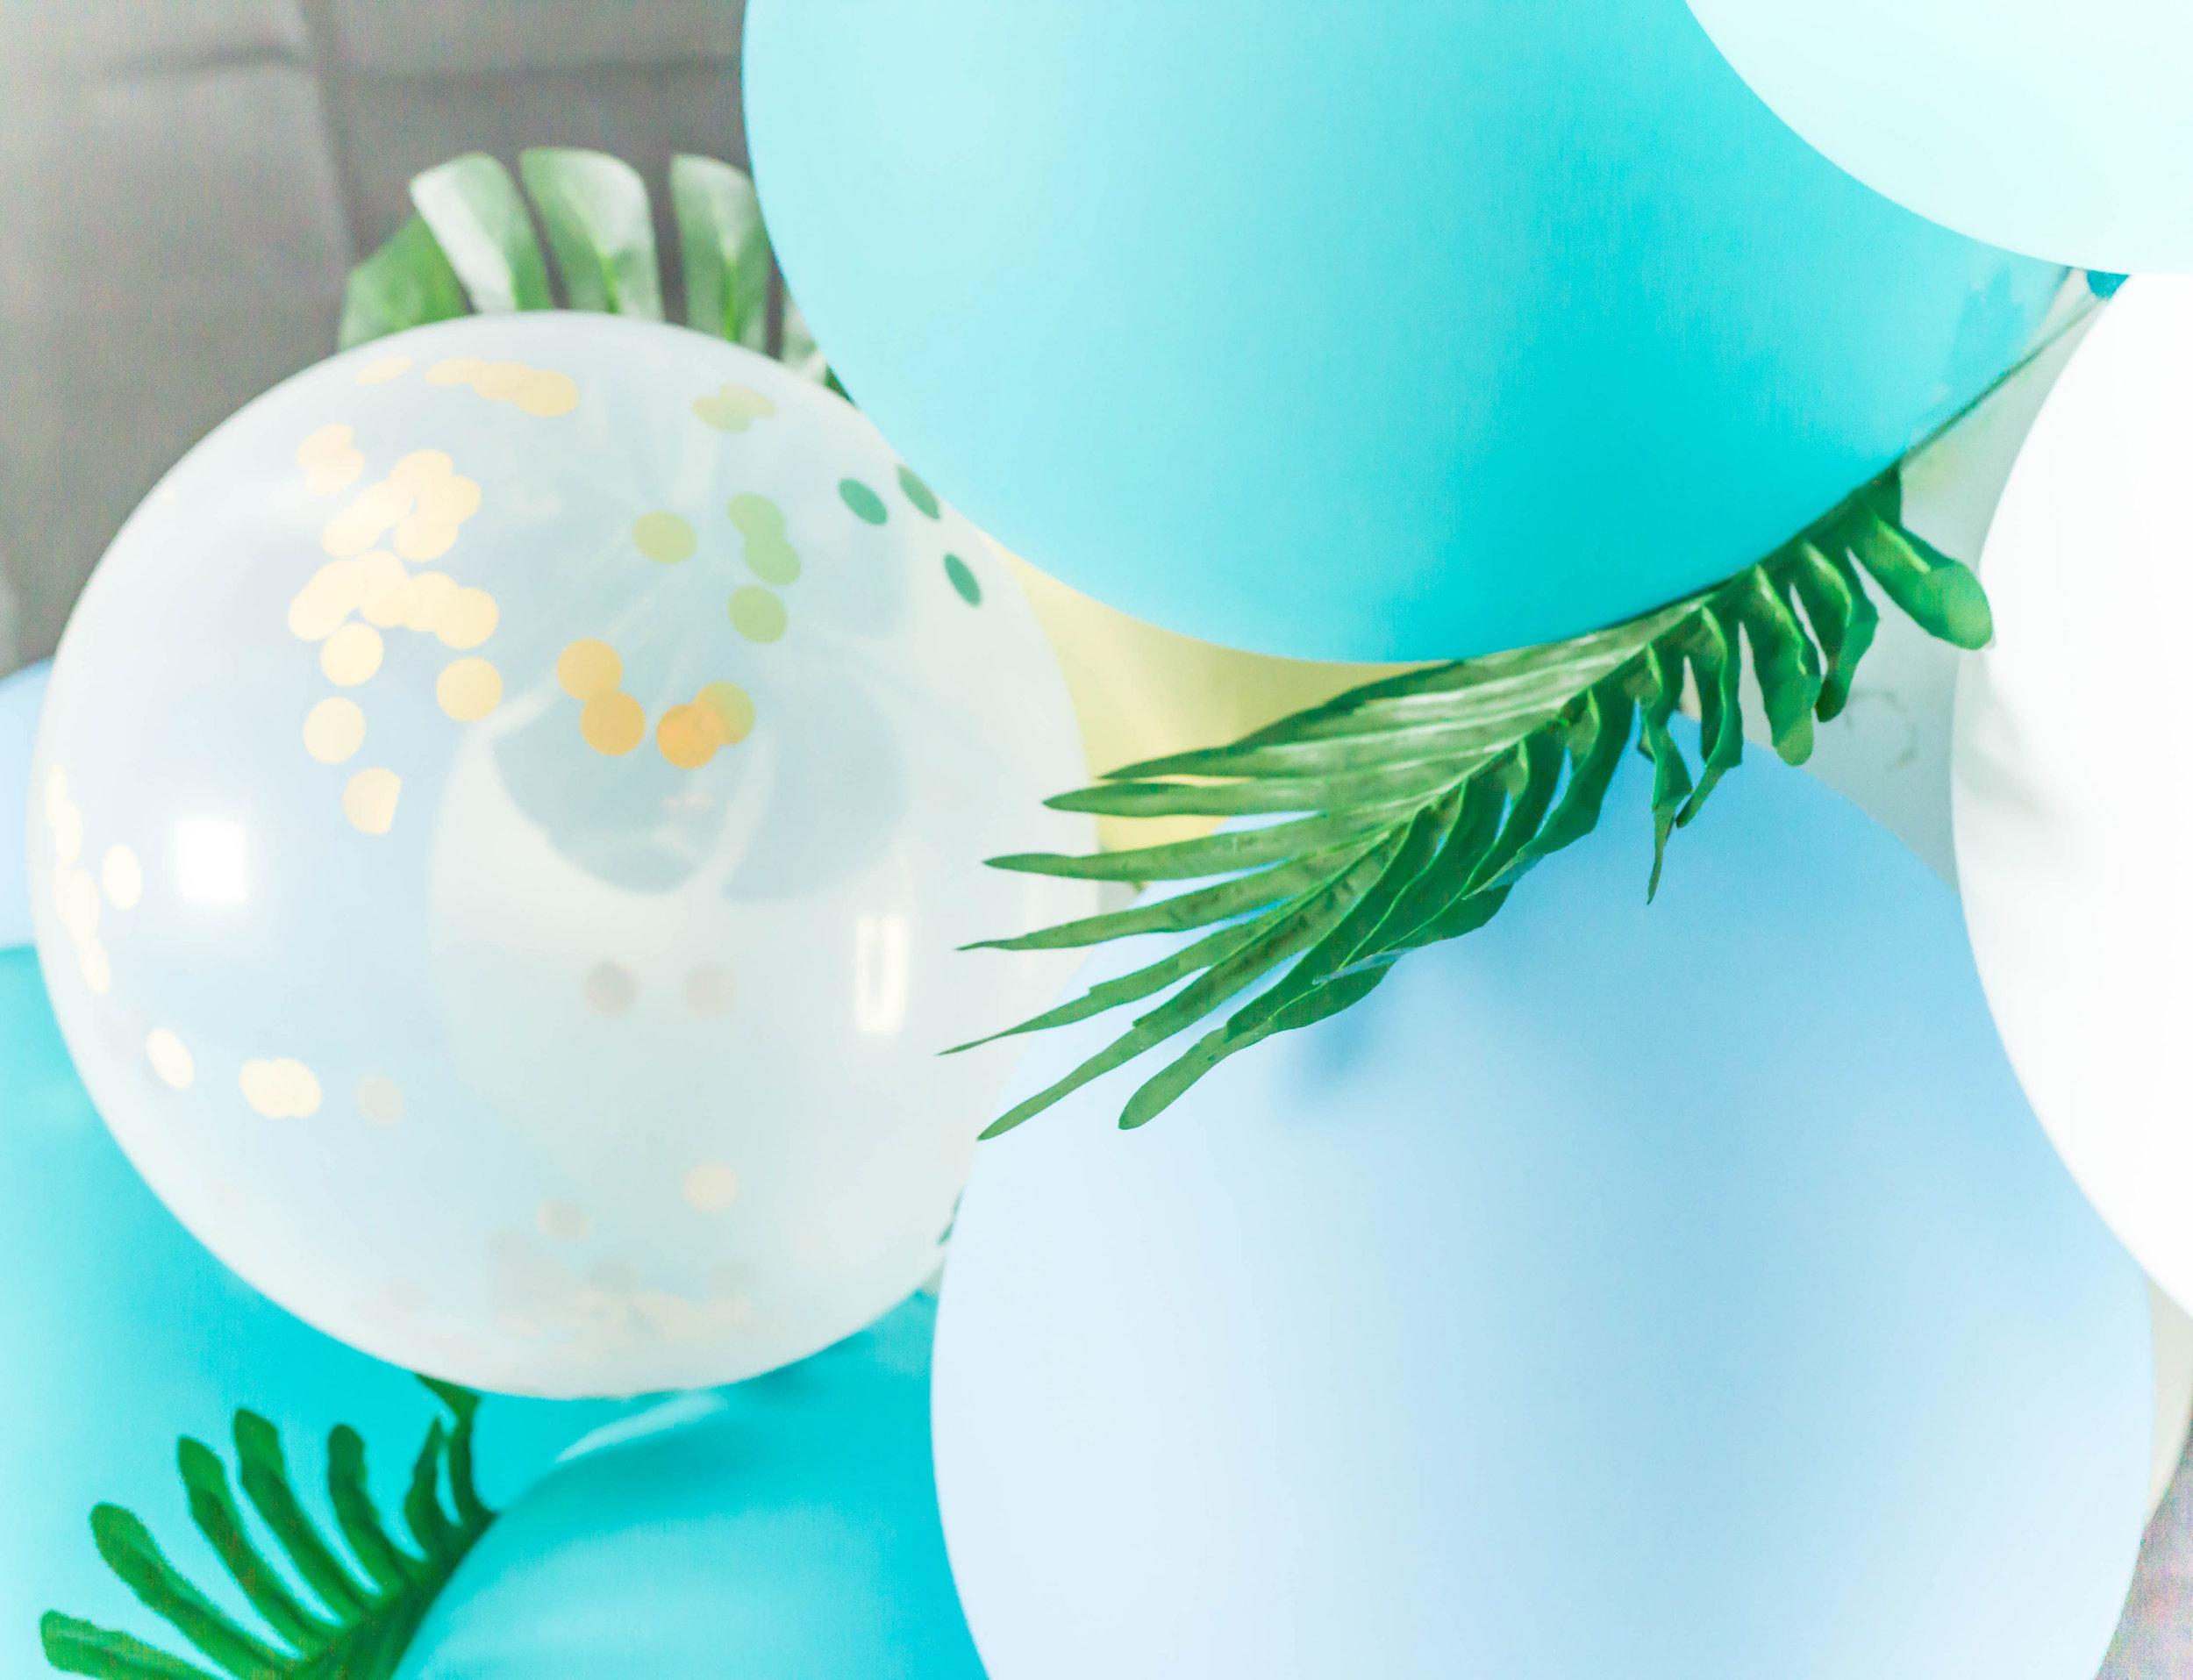 BalloonGarland_Image.jpg